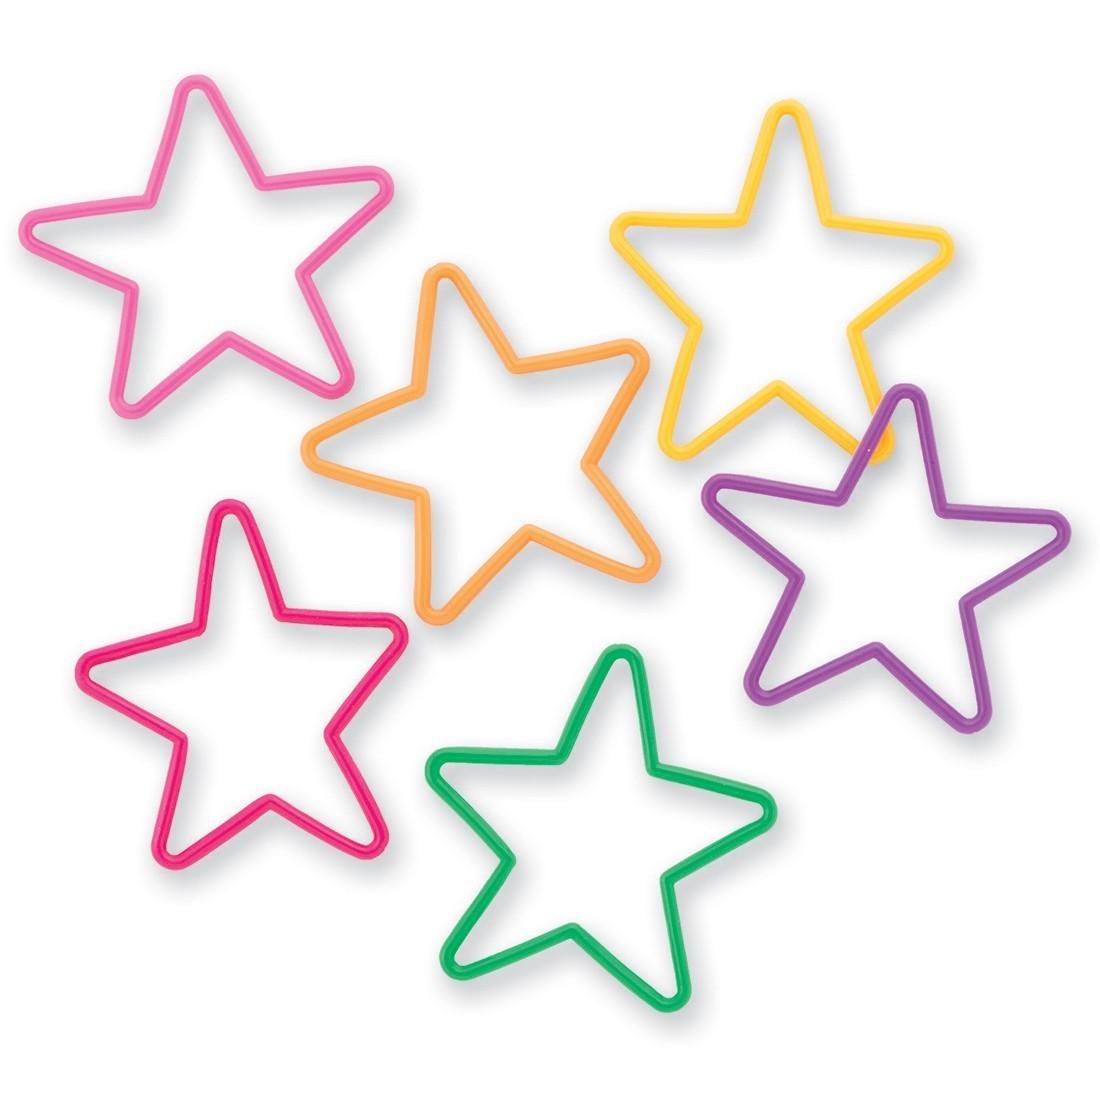 Star Bracelets [image]